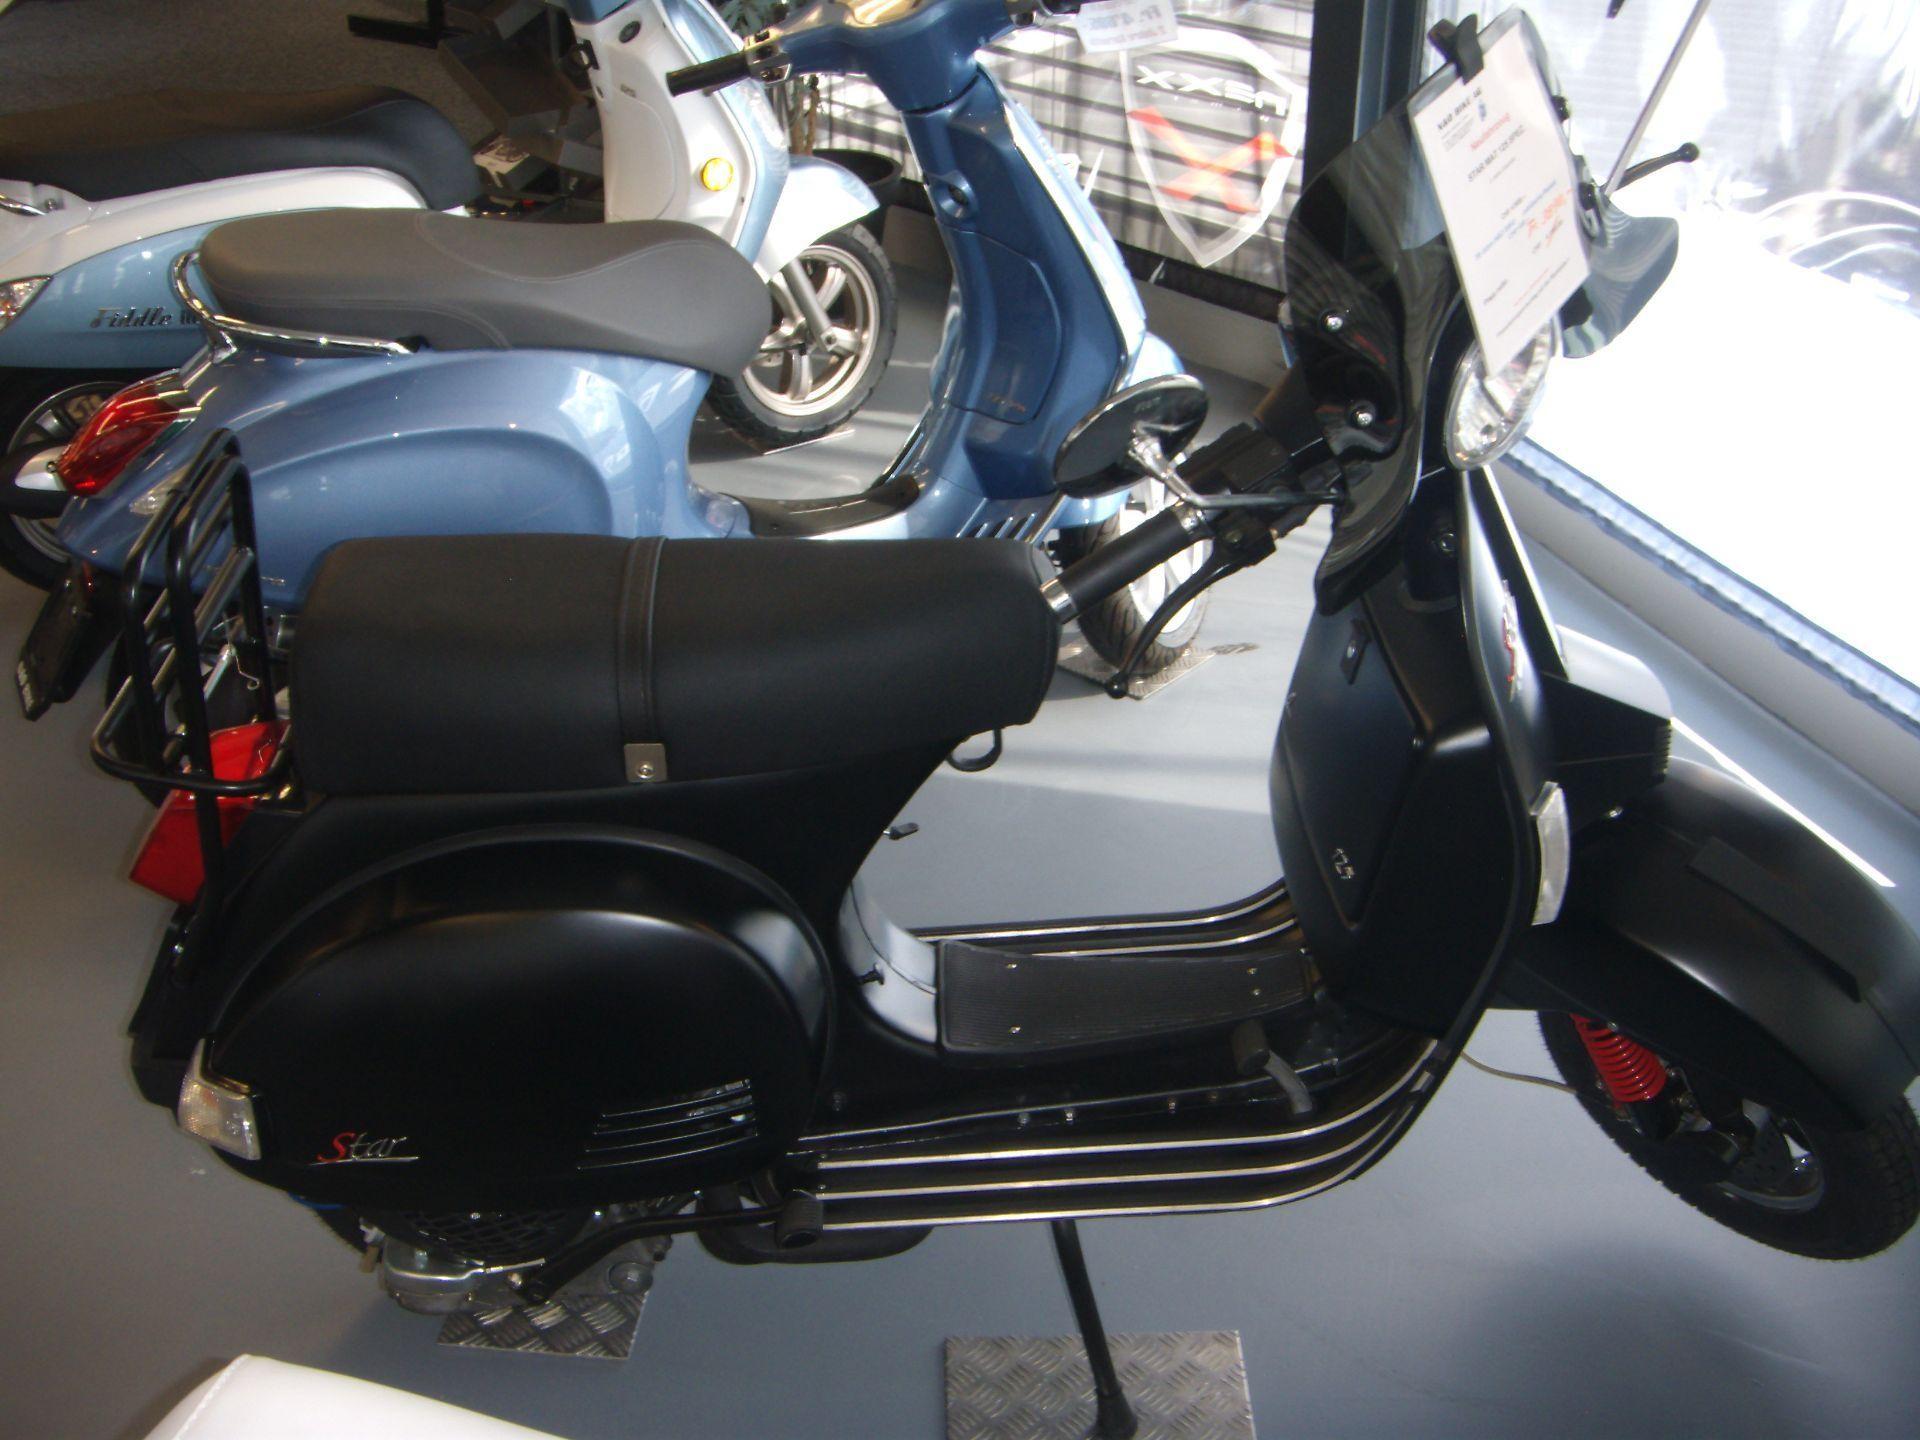 motorrad occasion kaufen lml star deluxe 125 n o bike ag. Black Bedroom Furniture Sets. Home Design Ideas